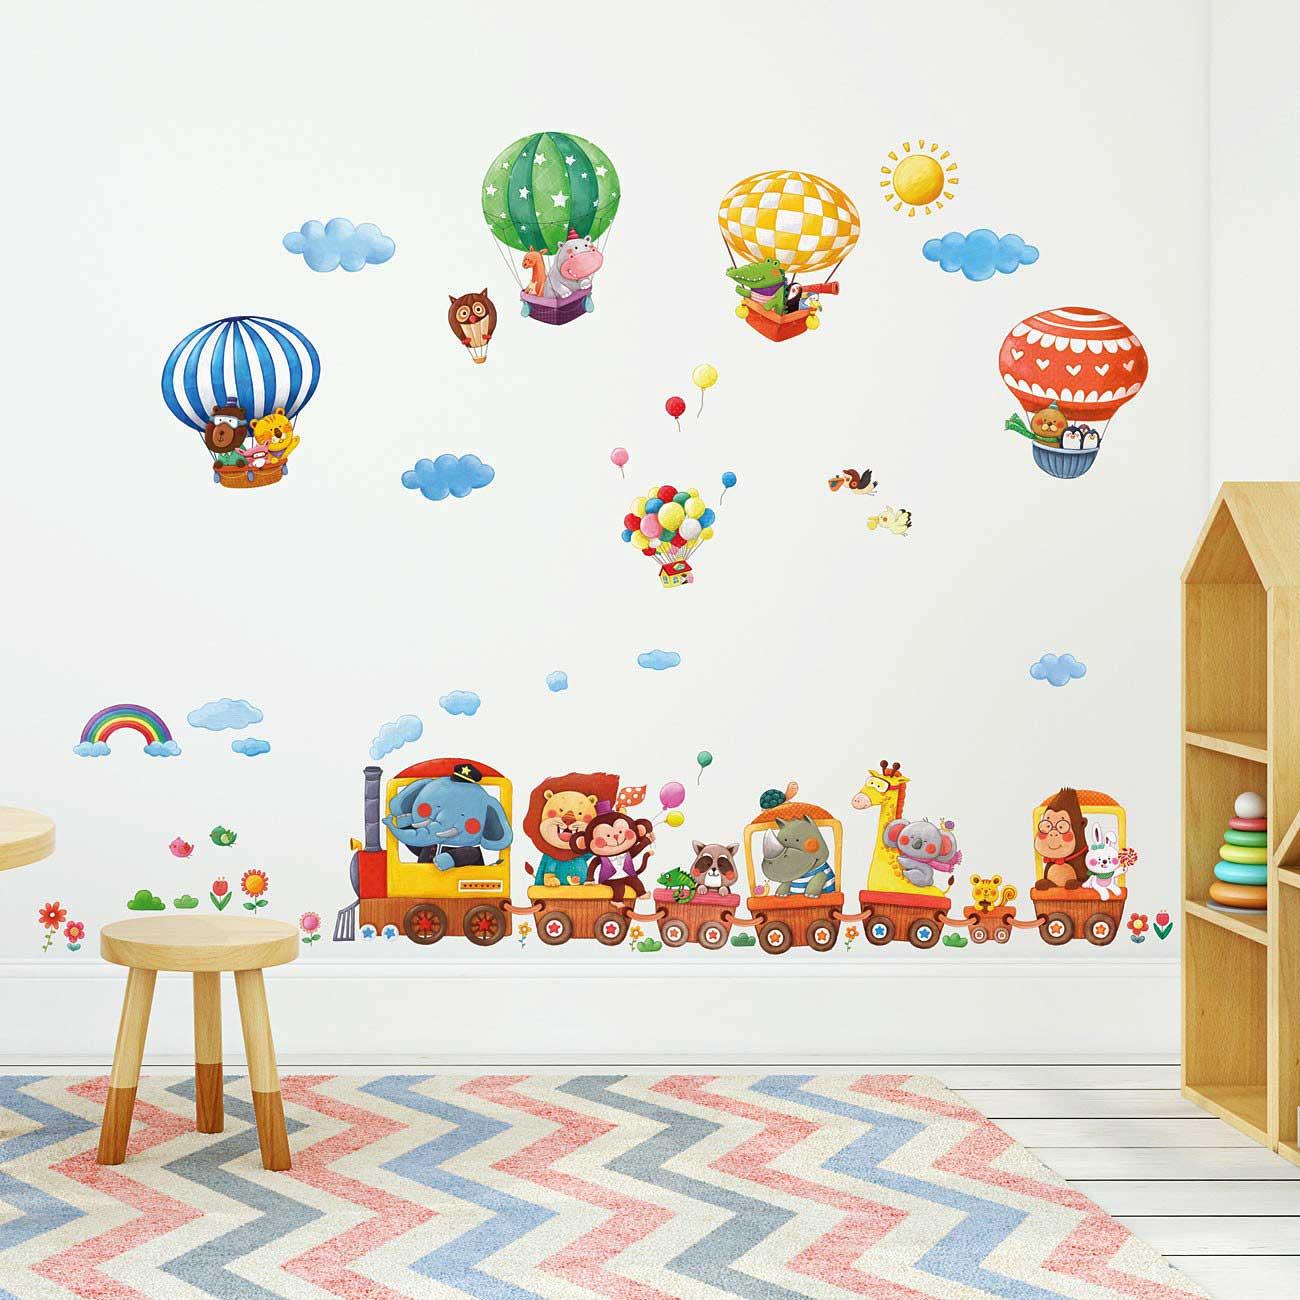 Wandtattoo Kinderzimmer Dschungel Und Elegant Wandtattoo: Wandsticker Reise Der Tiere-Wandsticker Kinderzimmer